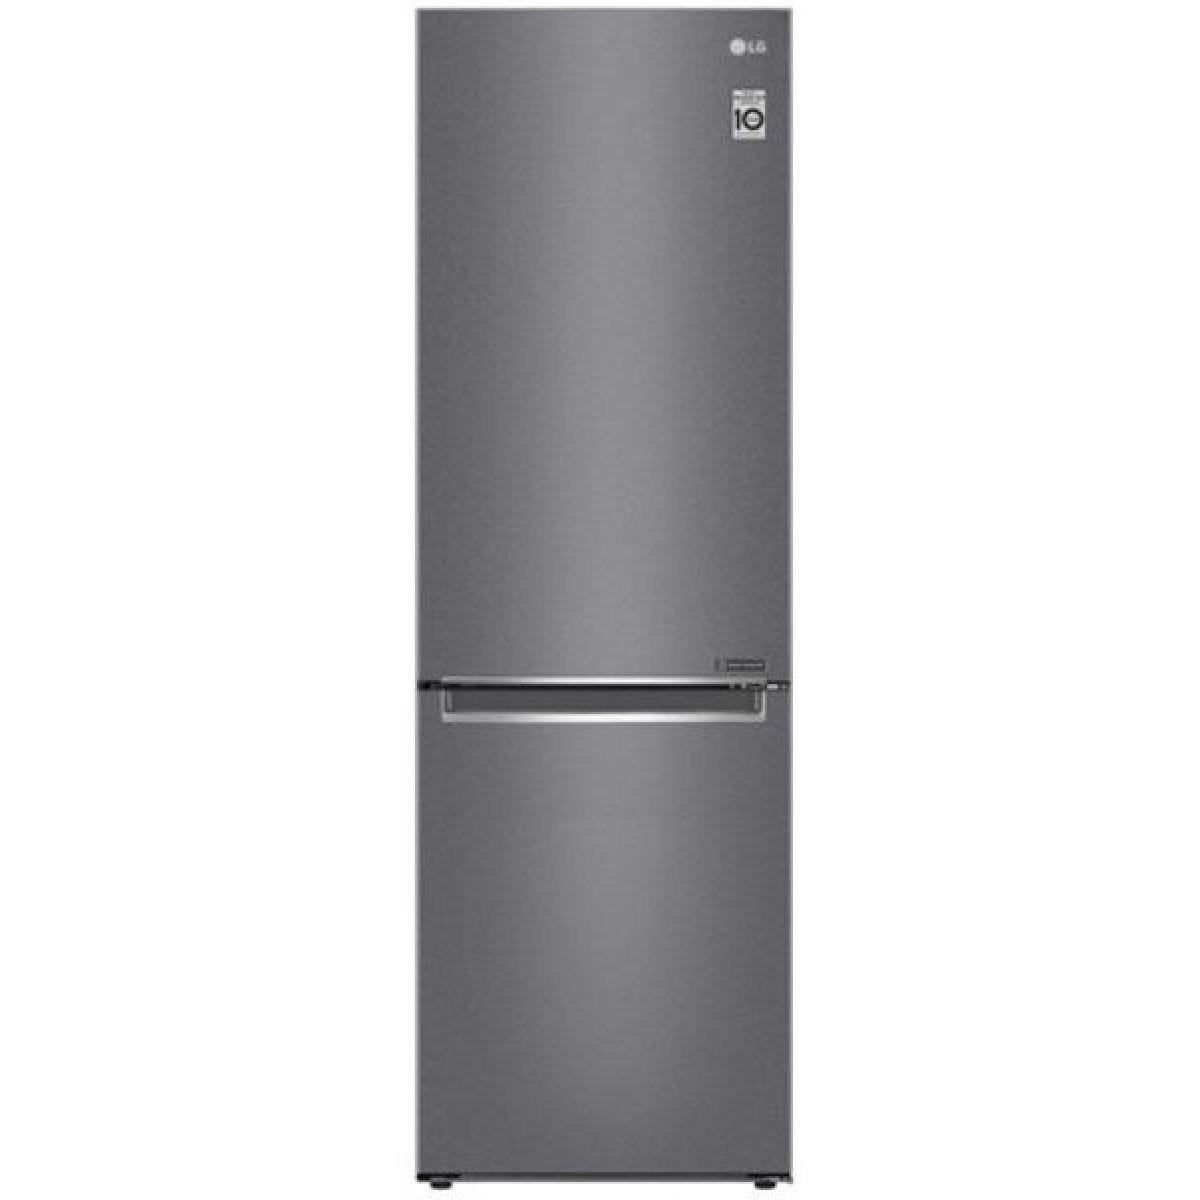 LG Réfrigérateur combiné inversé LG GBP 31 DSLZN